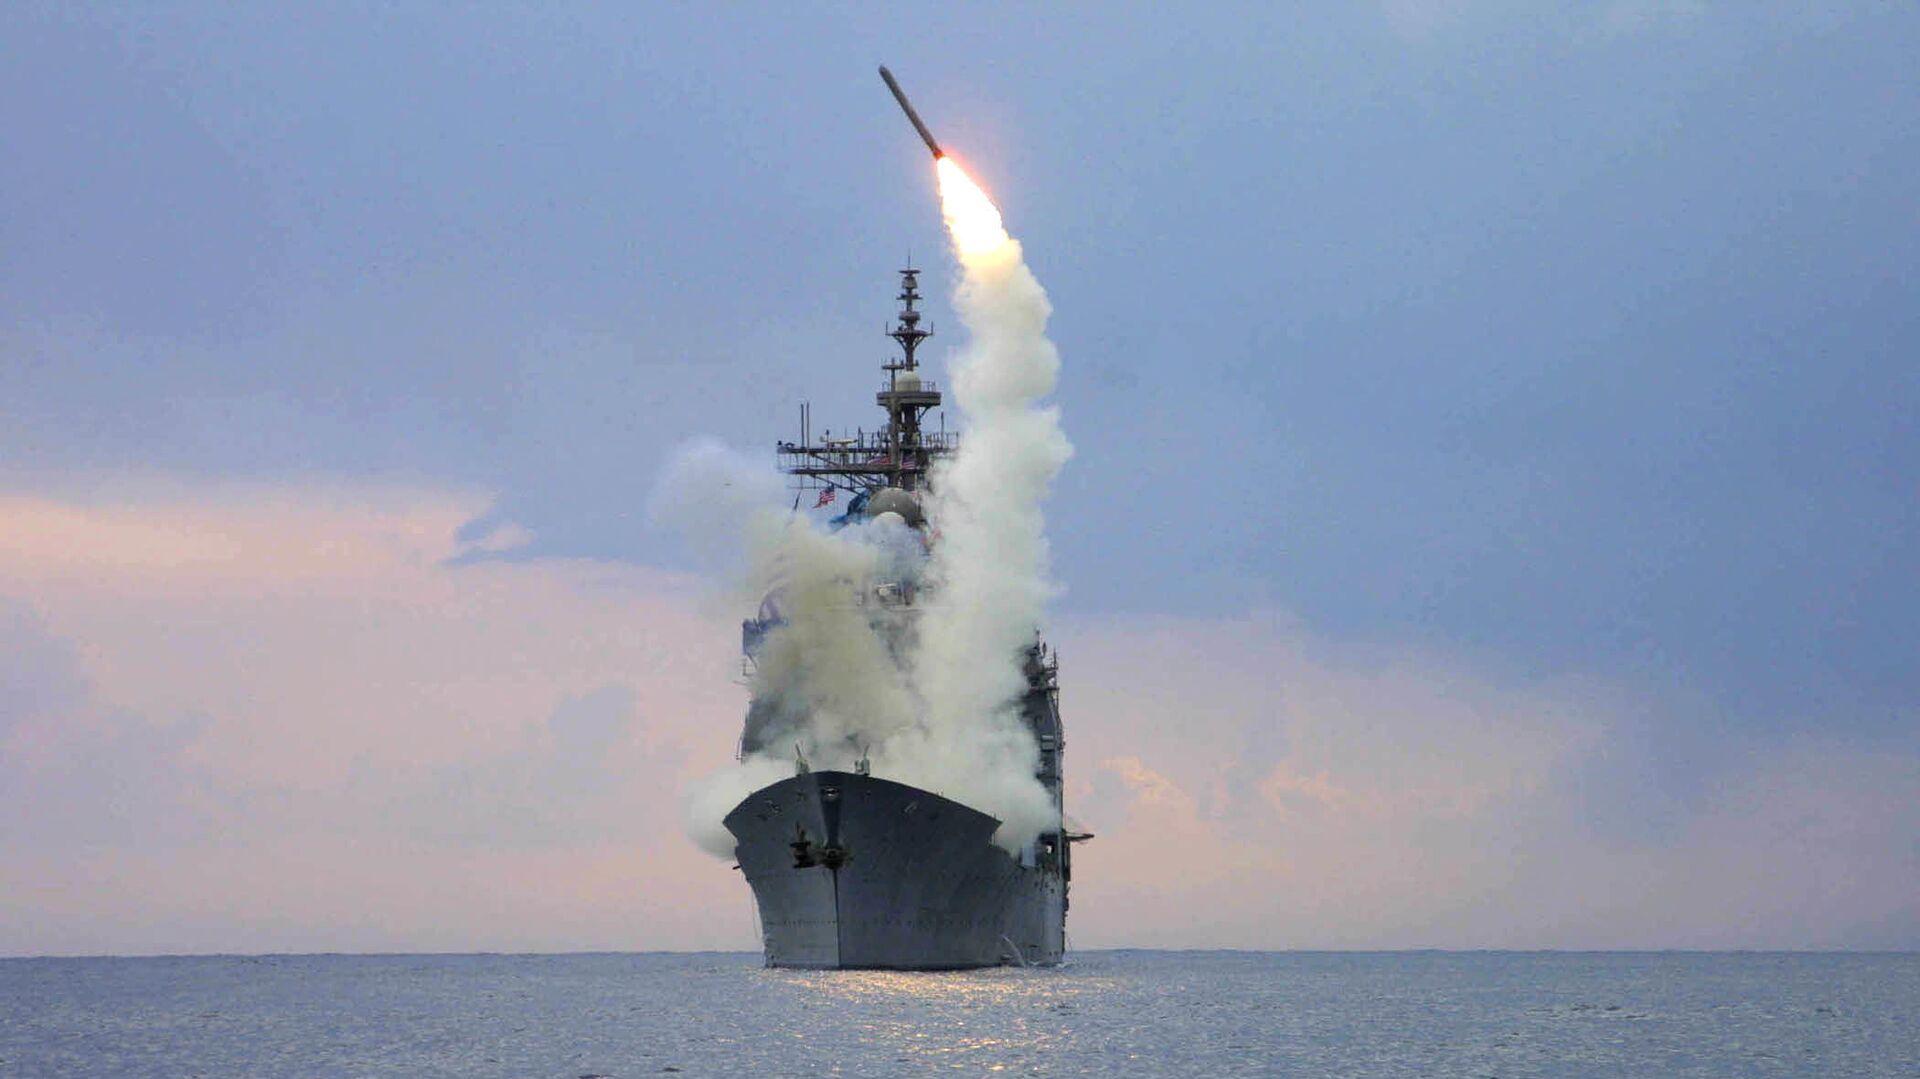 Запуск крылатой ракеты Томагавк с американского военного корабля USS Cape St. George - РИА Новости, 1920, 31.10.2019